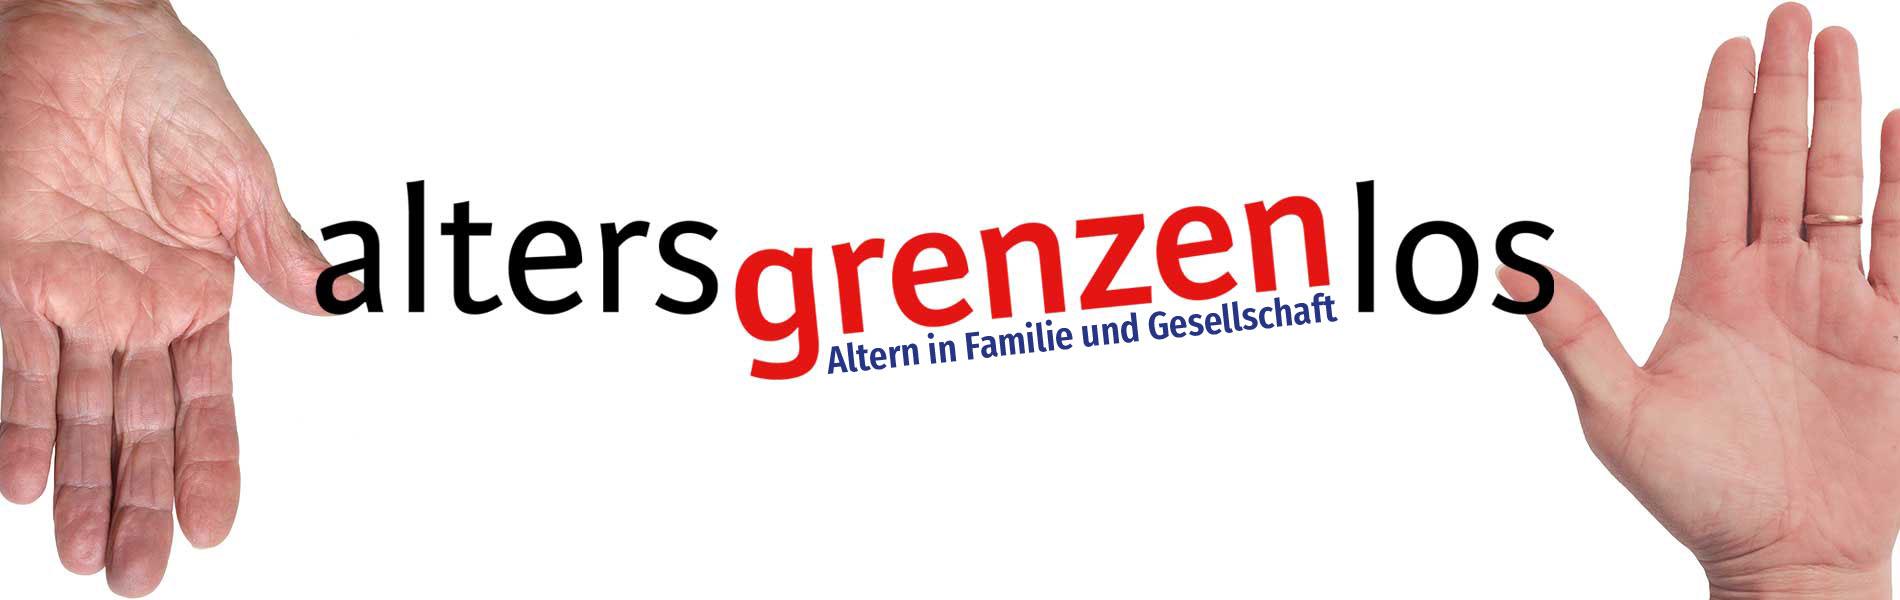 Logo altersgrenzenlos